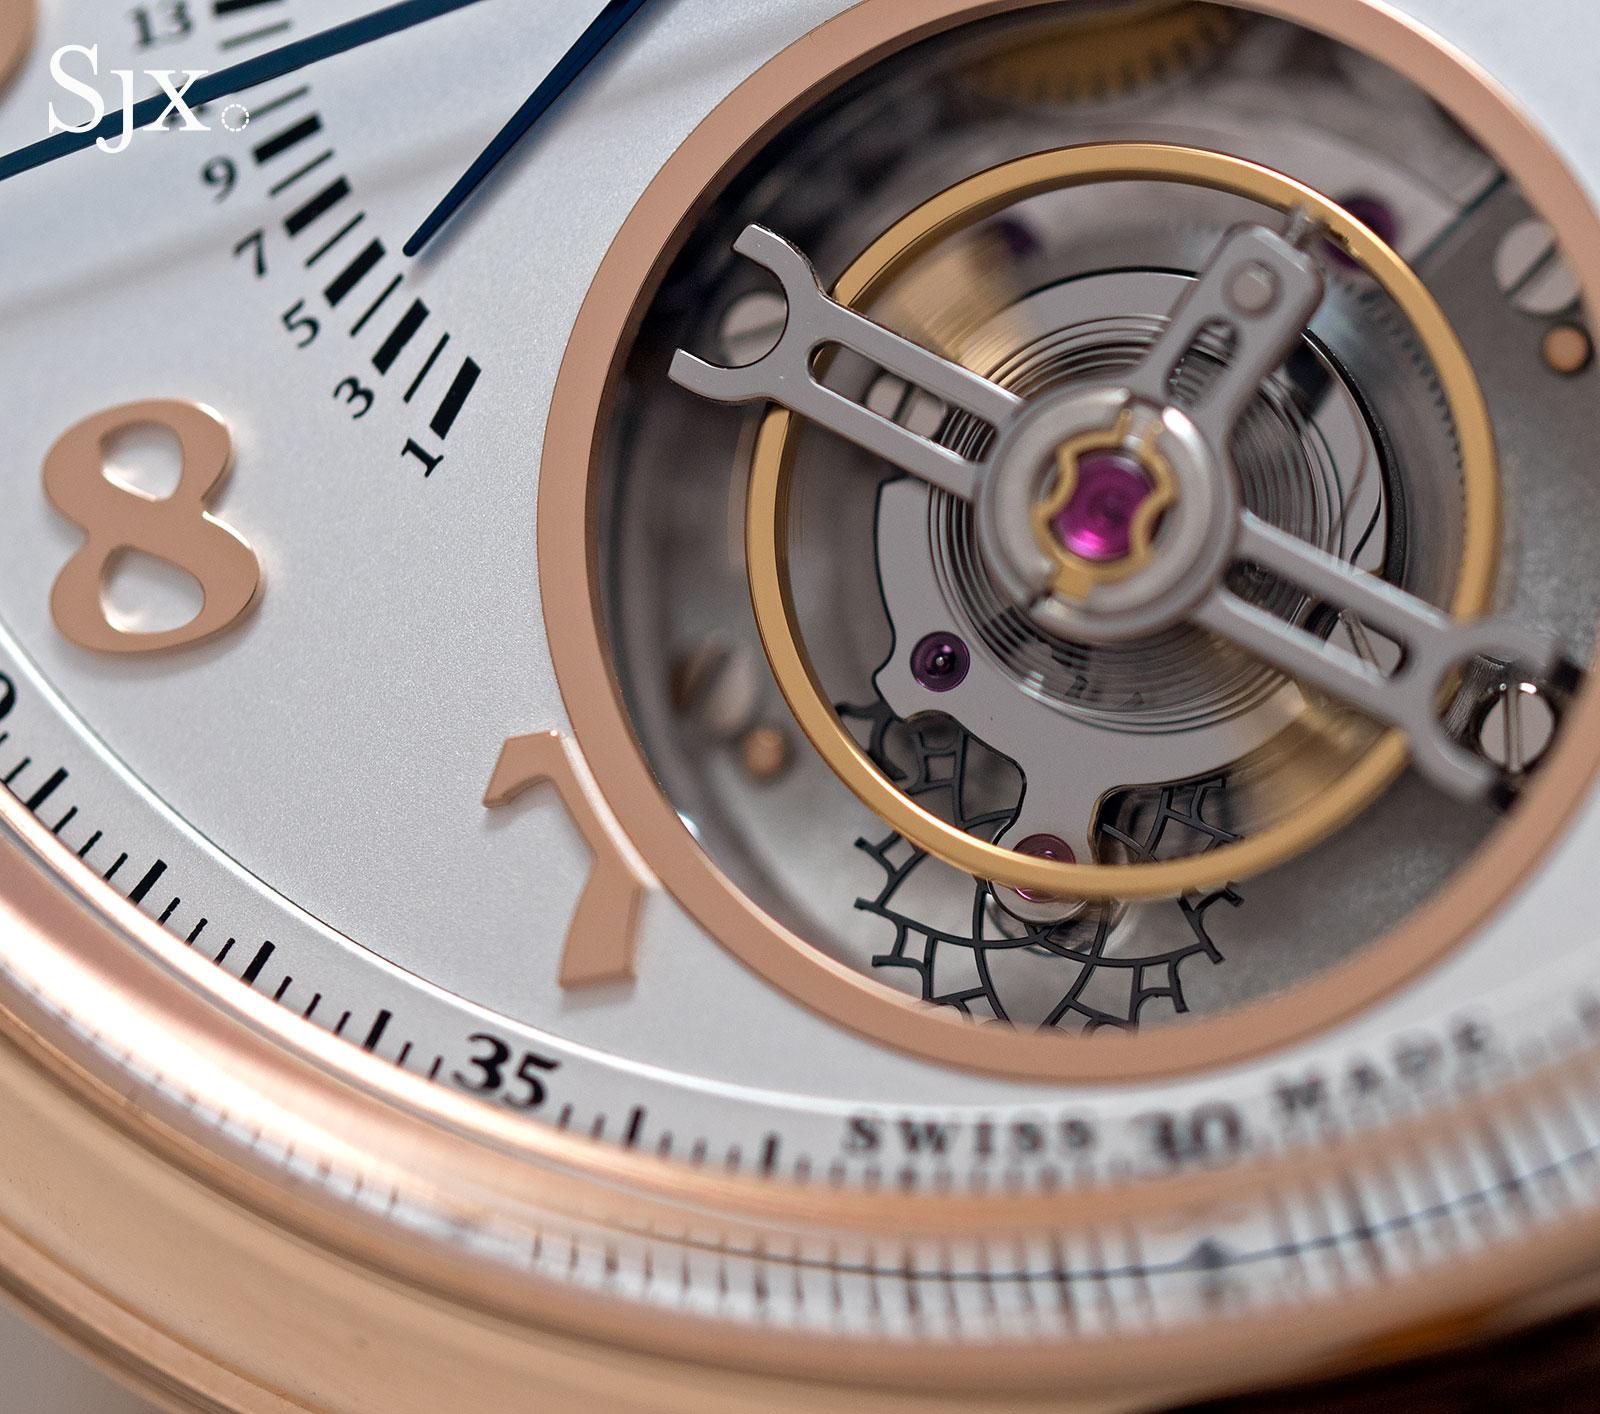 IWC Da Vinci Tourbillon Rétrograde Chronograph 2